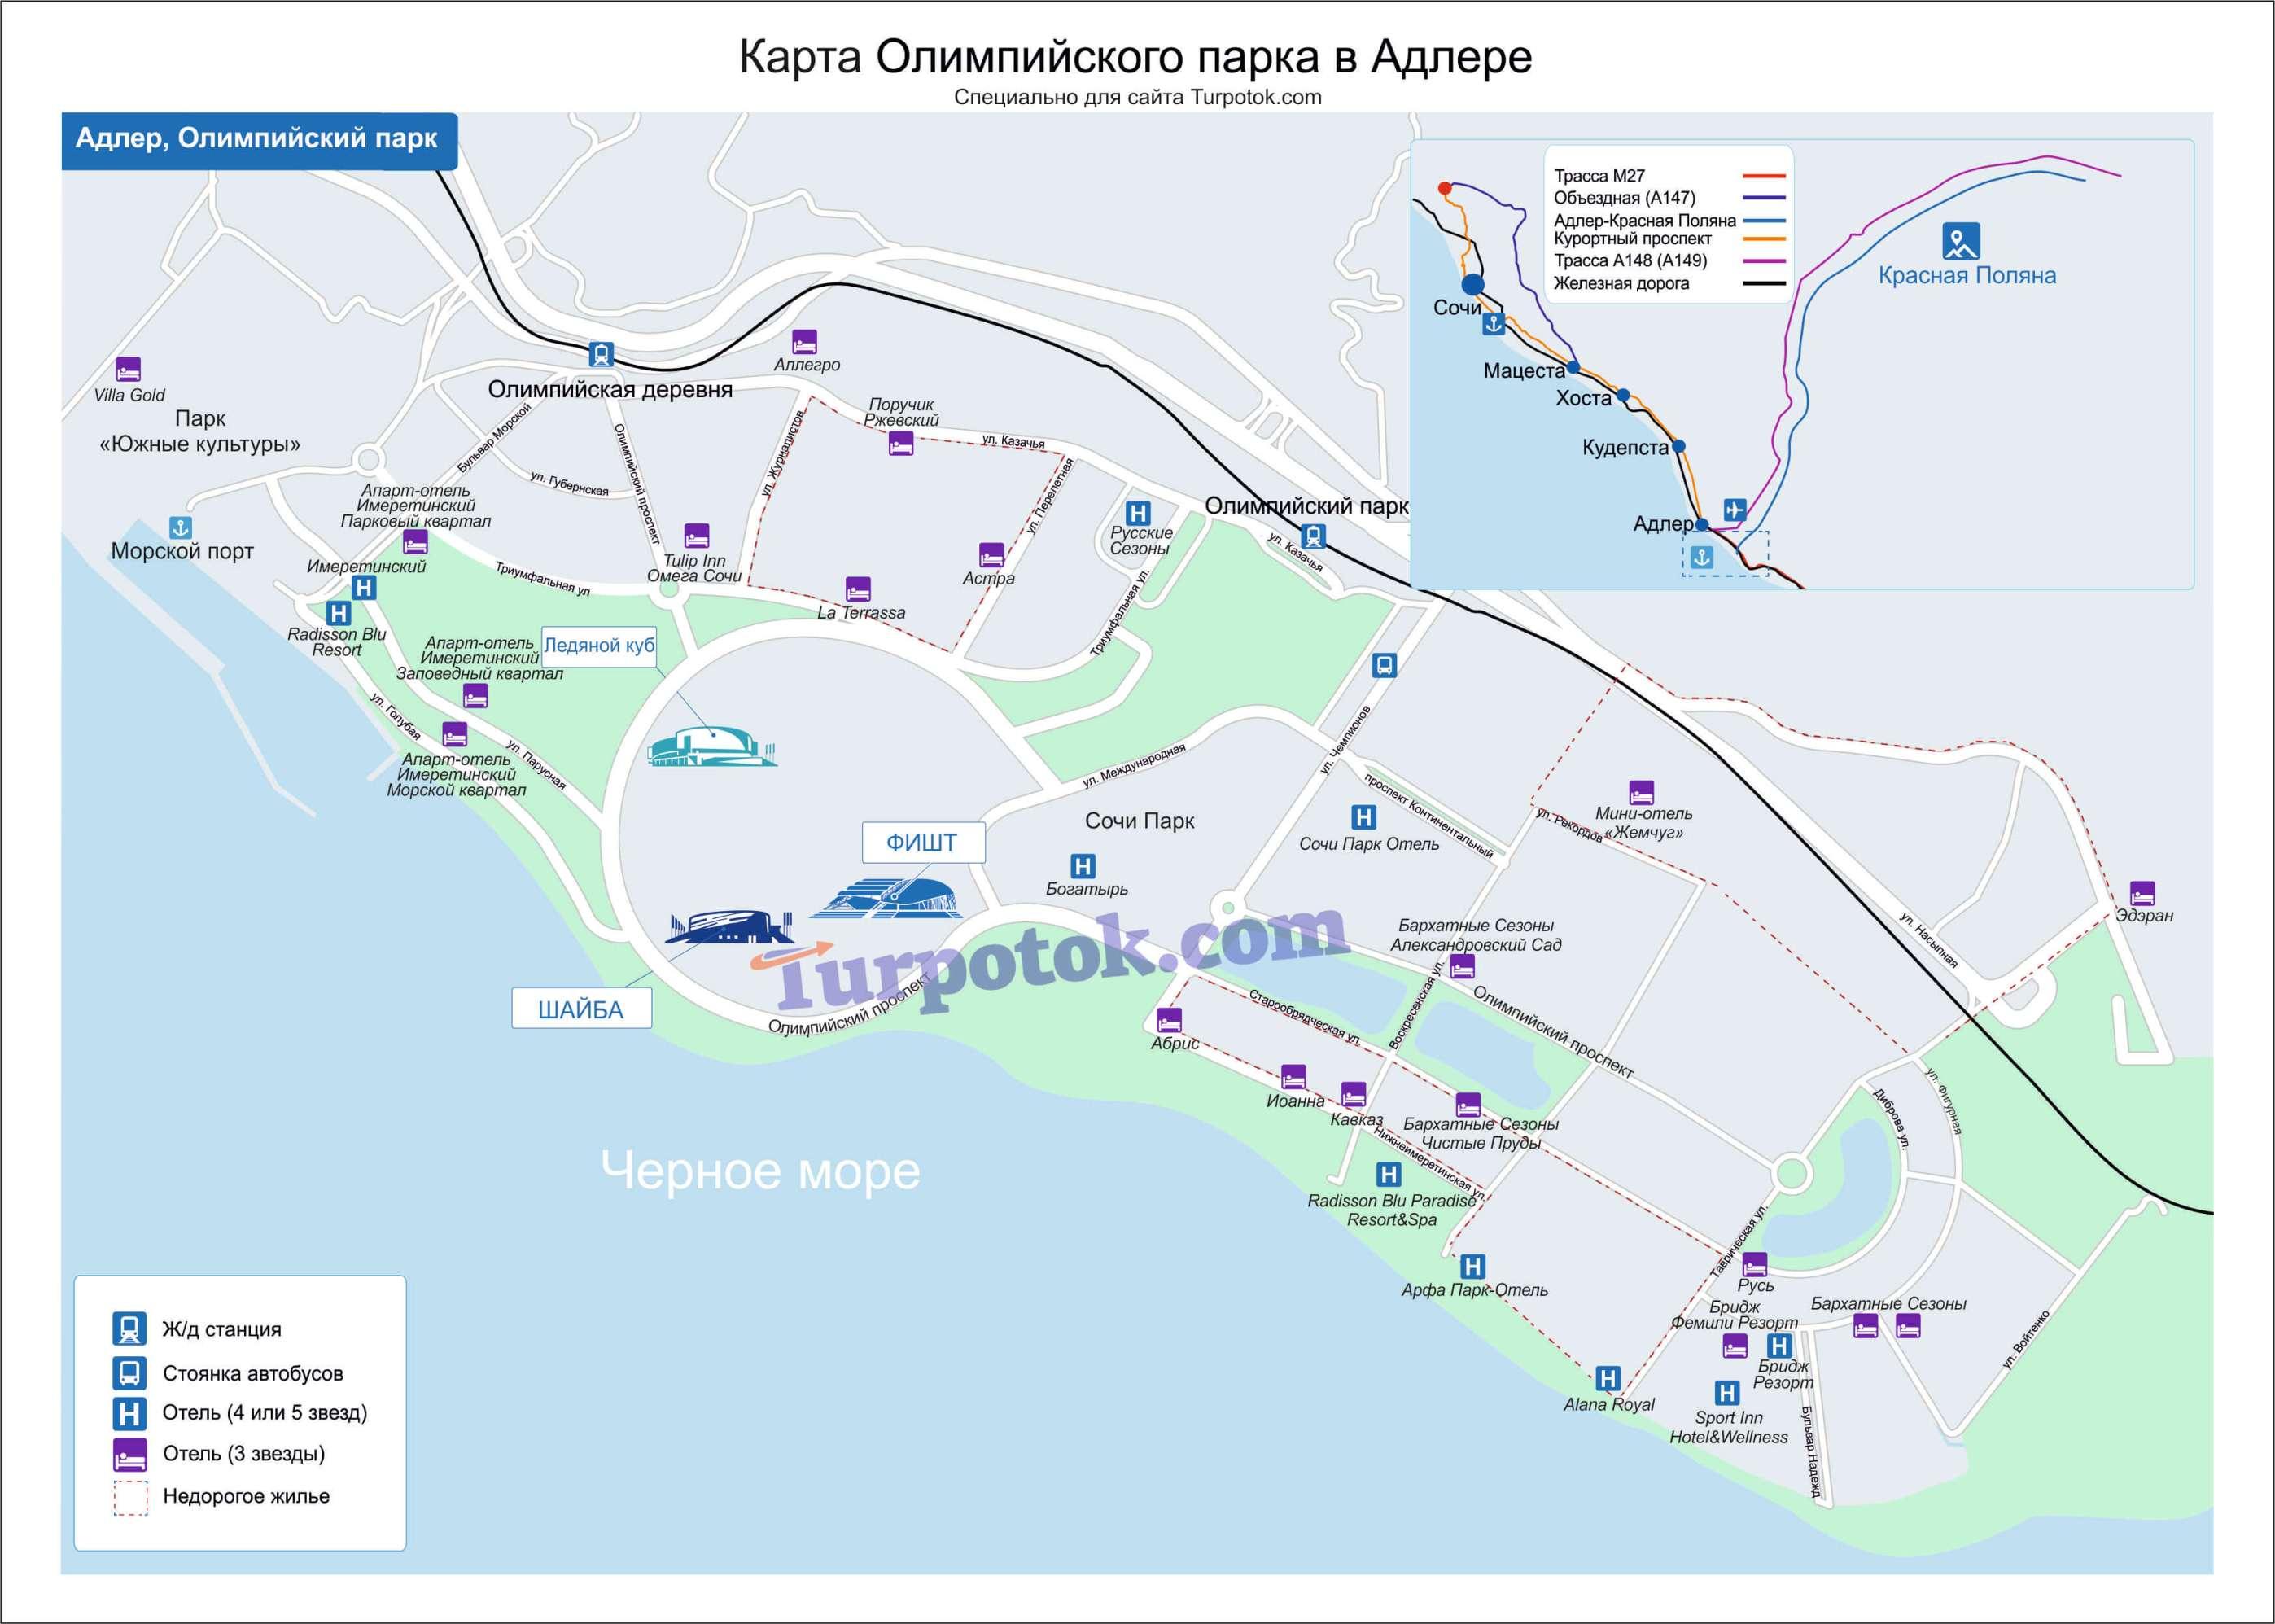 Карта Олимпийских объектов в Адлере